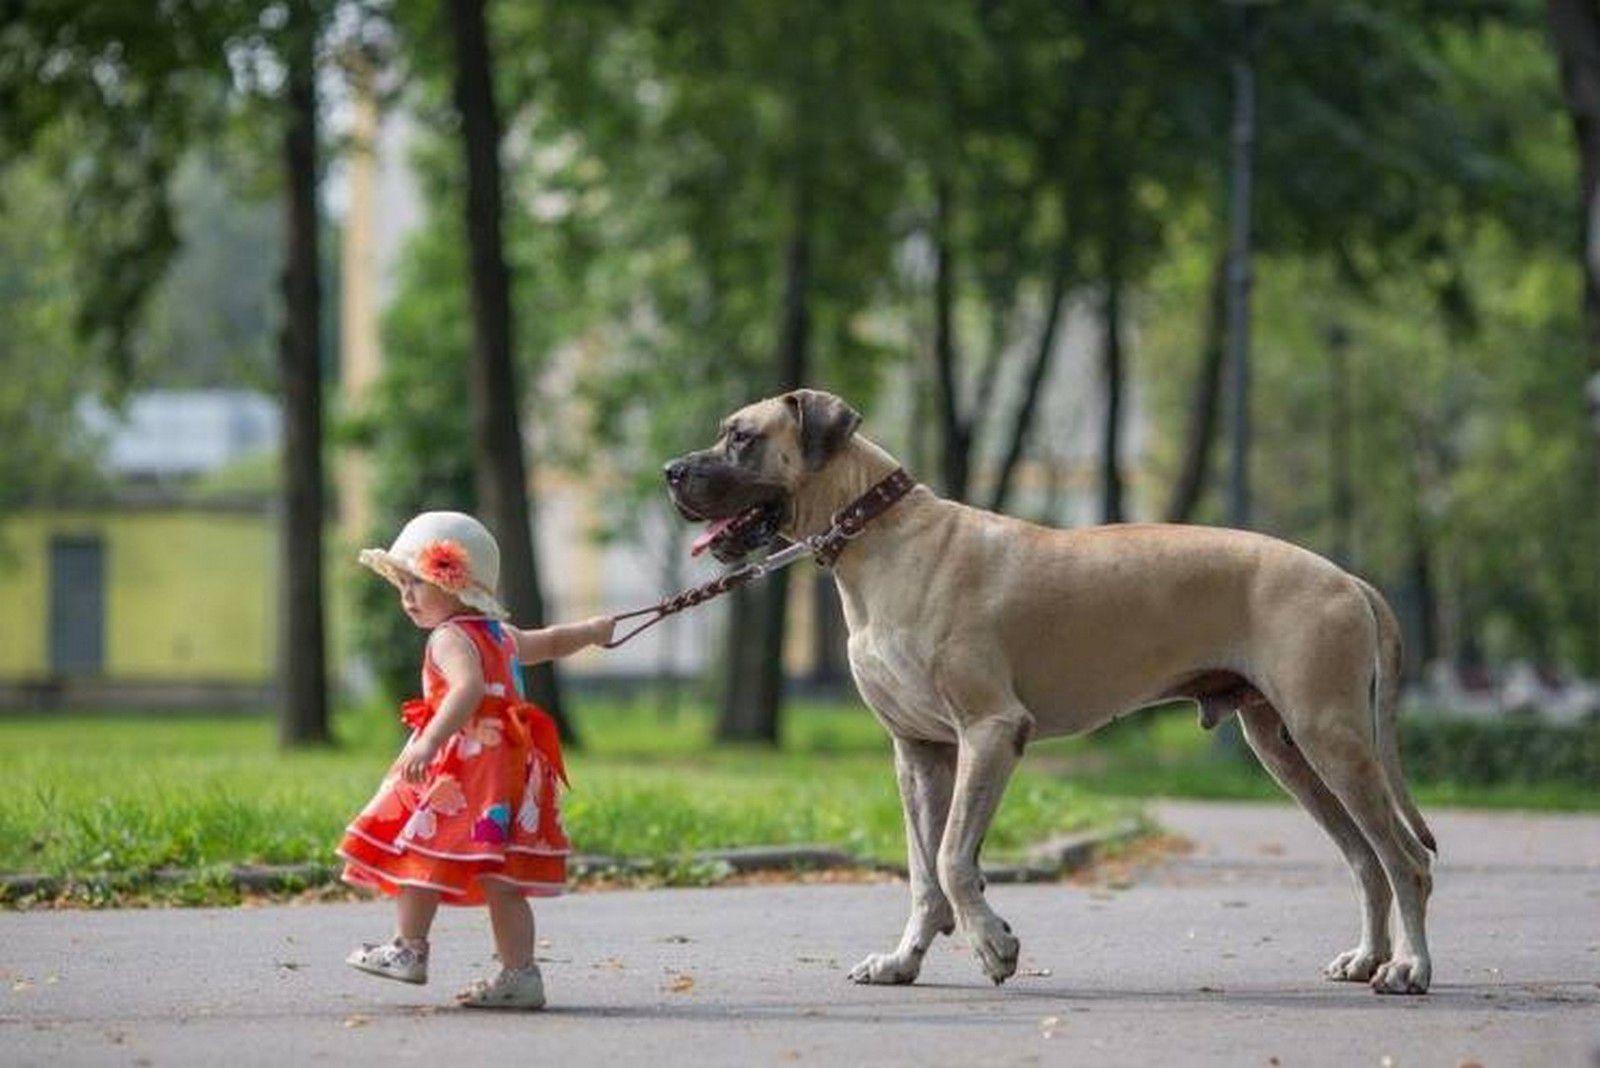 Nos amis, les animaux(quand ils font semblant d'être bête) - Page 10 Ob_b5c98e_galerie-images-droles-insolites-et-s